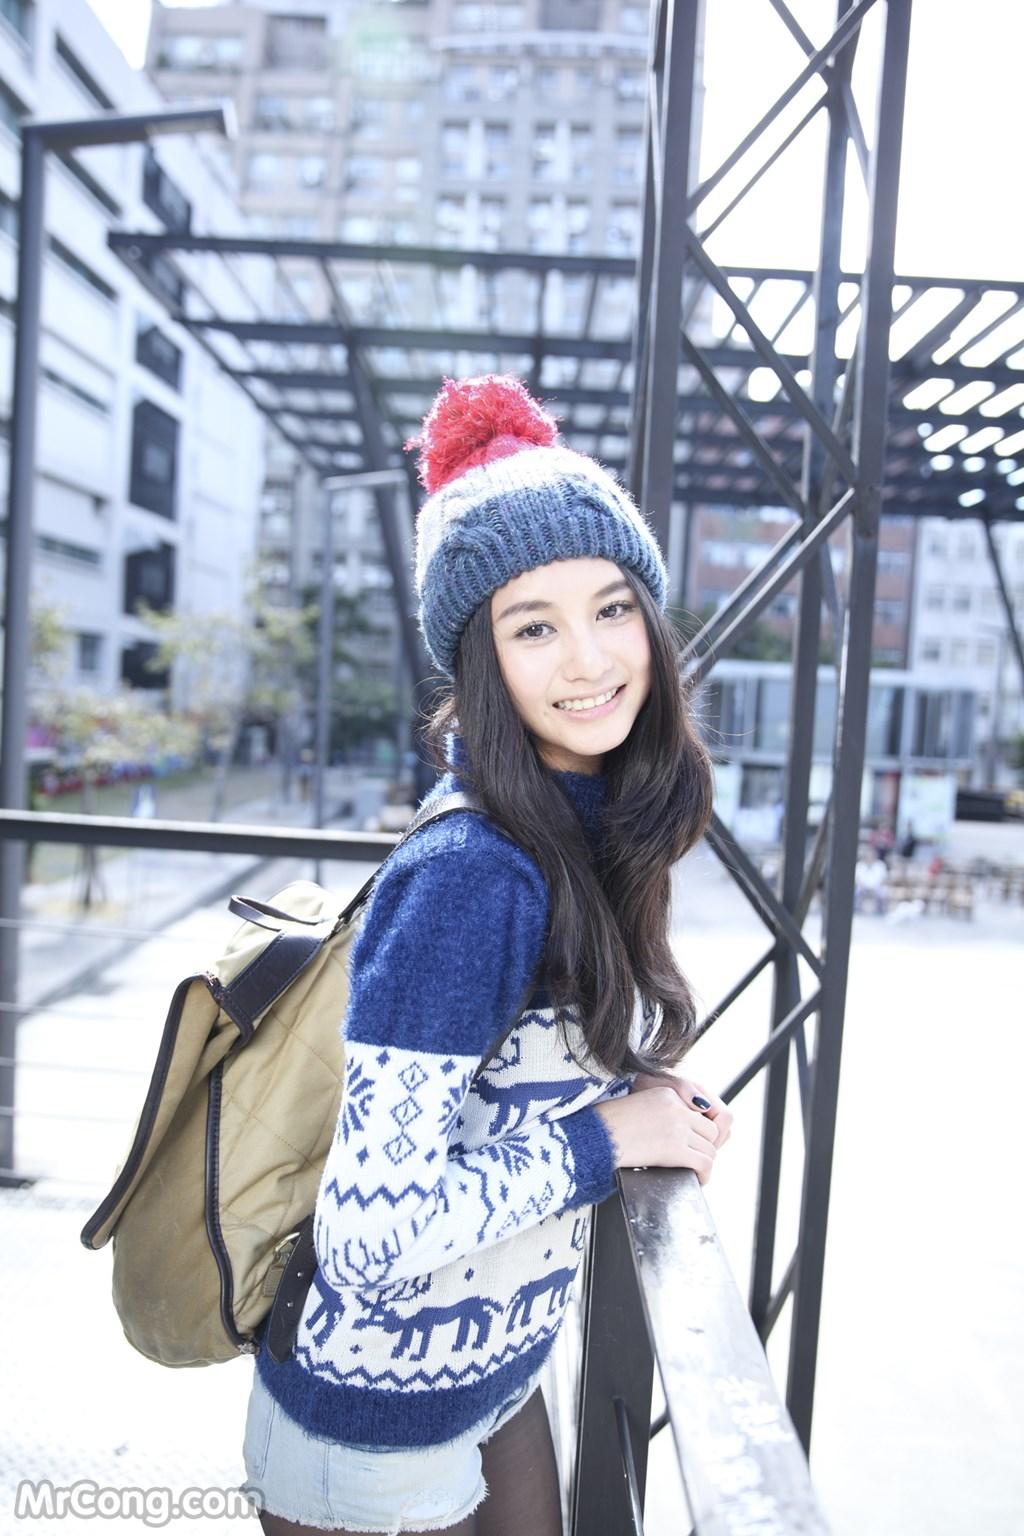 Image Girl-xinh-Dai-Loan-by-Joseph-Huang-Phan-1-MrCong.com-0001 in post Các cô gái Đài Loan qua góc chụp của Joseph Huang (黃阿文) - Phần 1 (1480 ảnh)